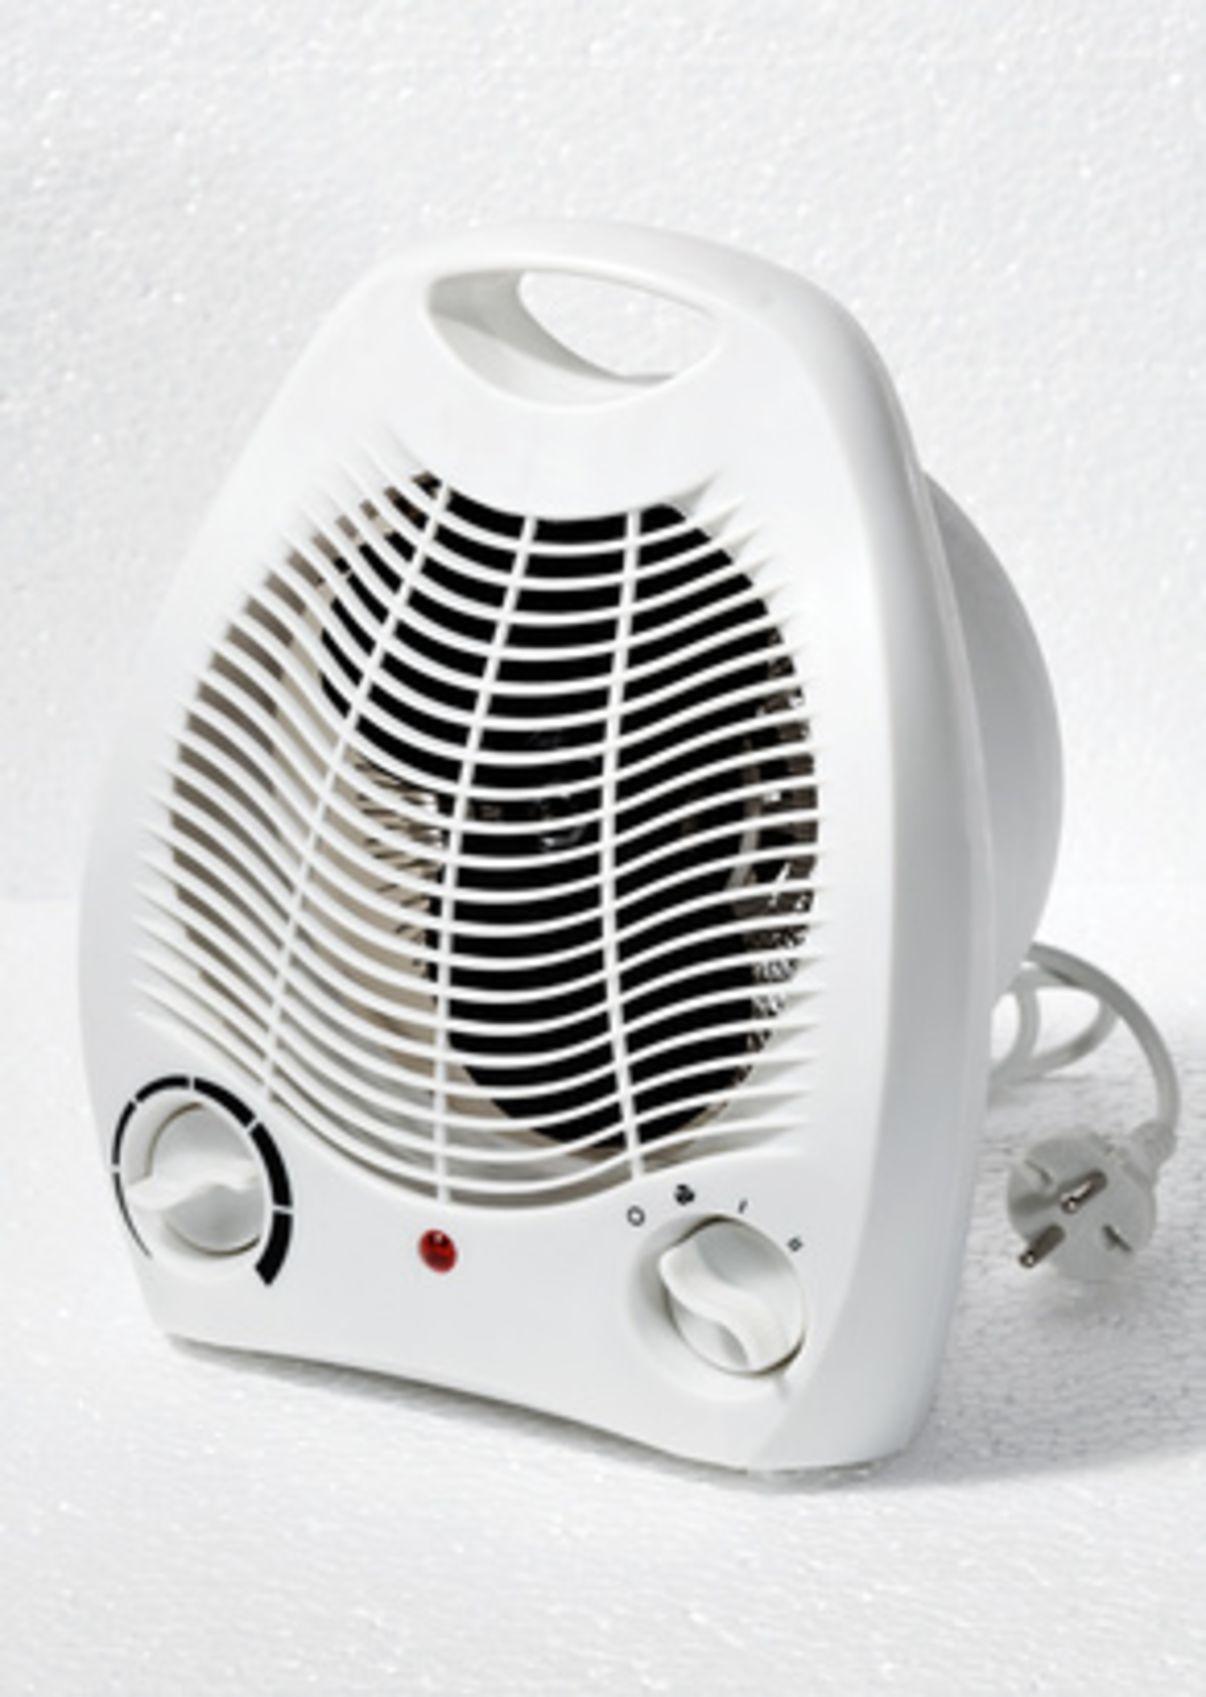 חימום הבית במפזר חום